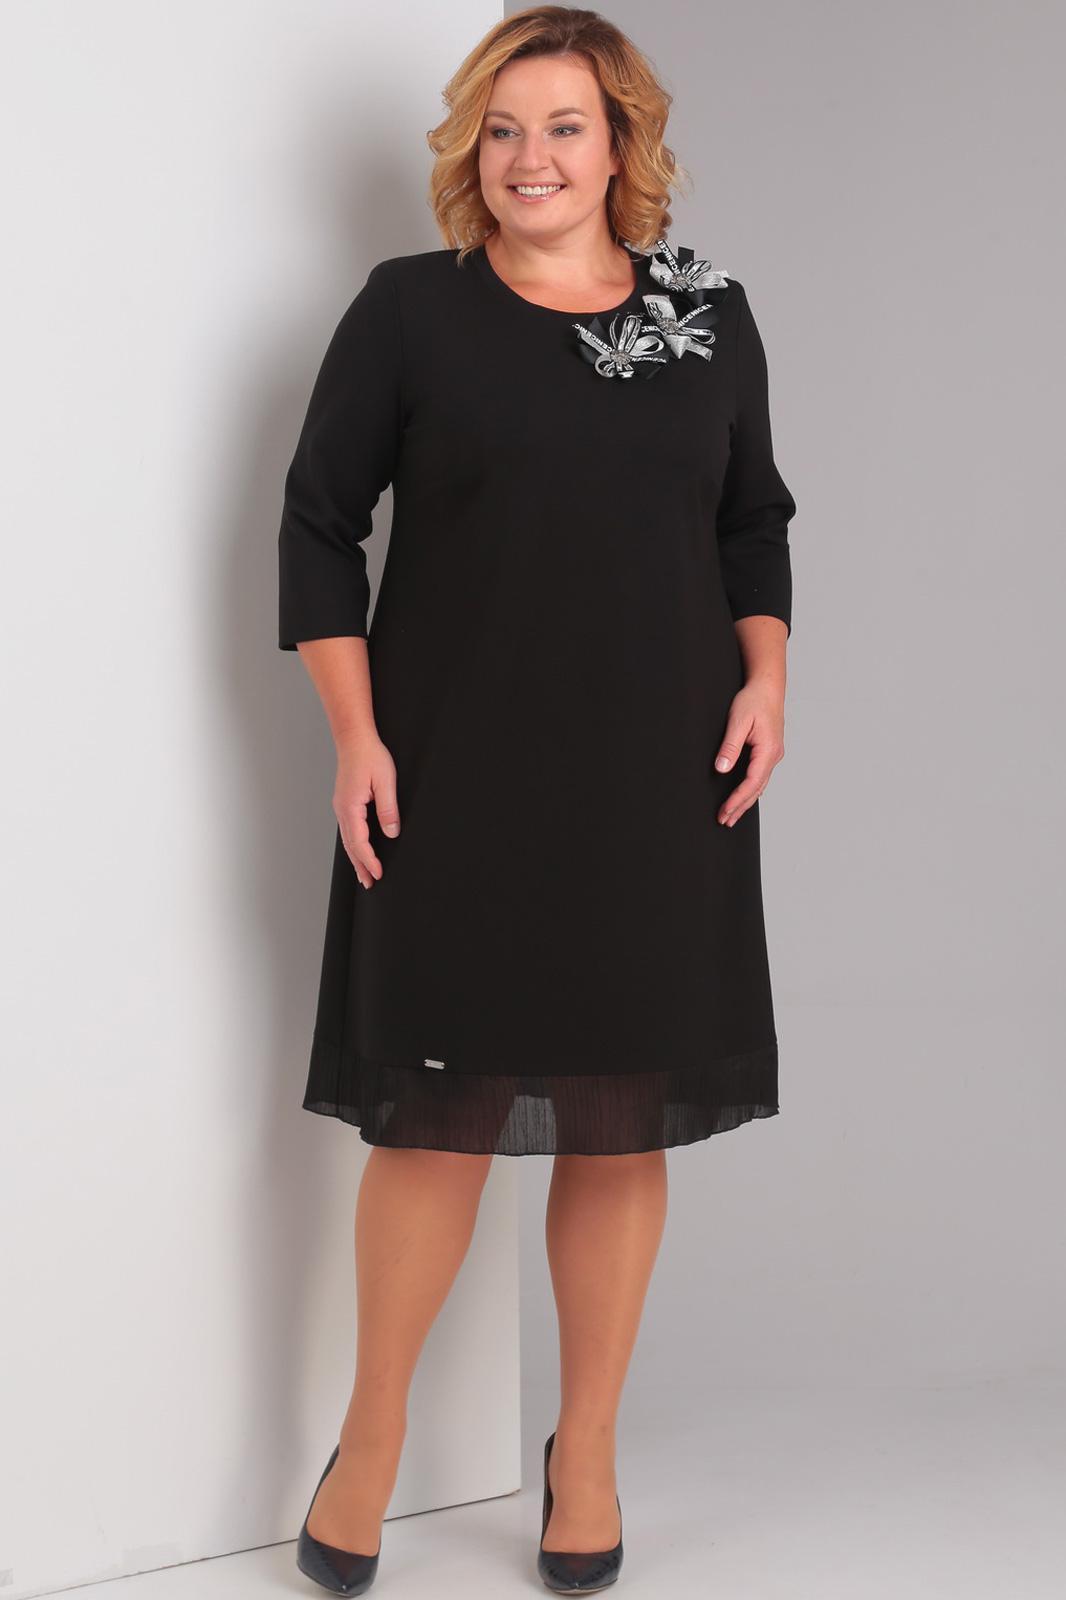 Купить Платье Диамант, 1336 чёрный, Беларусь